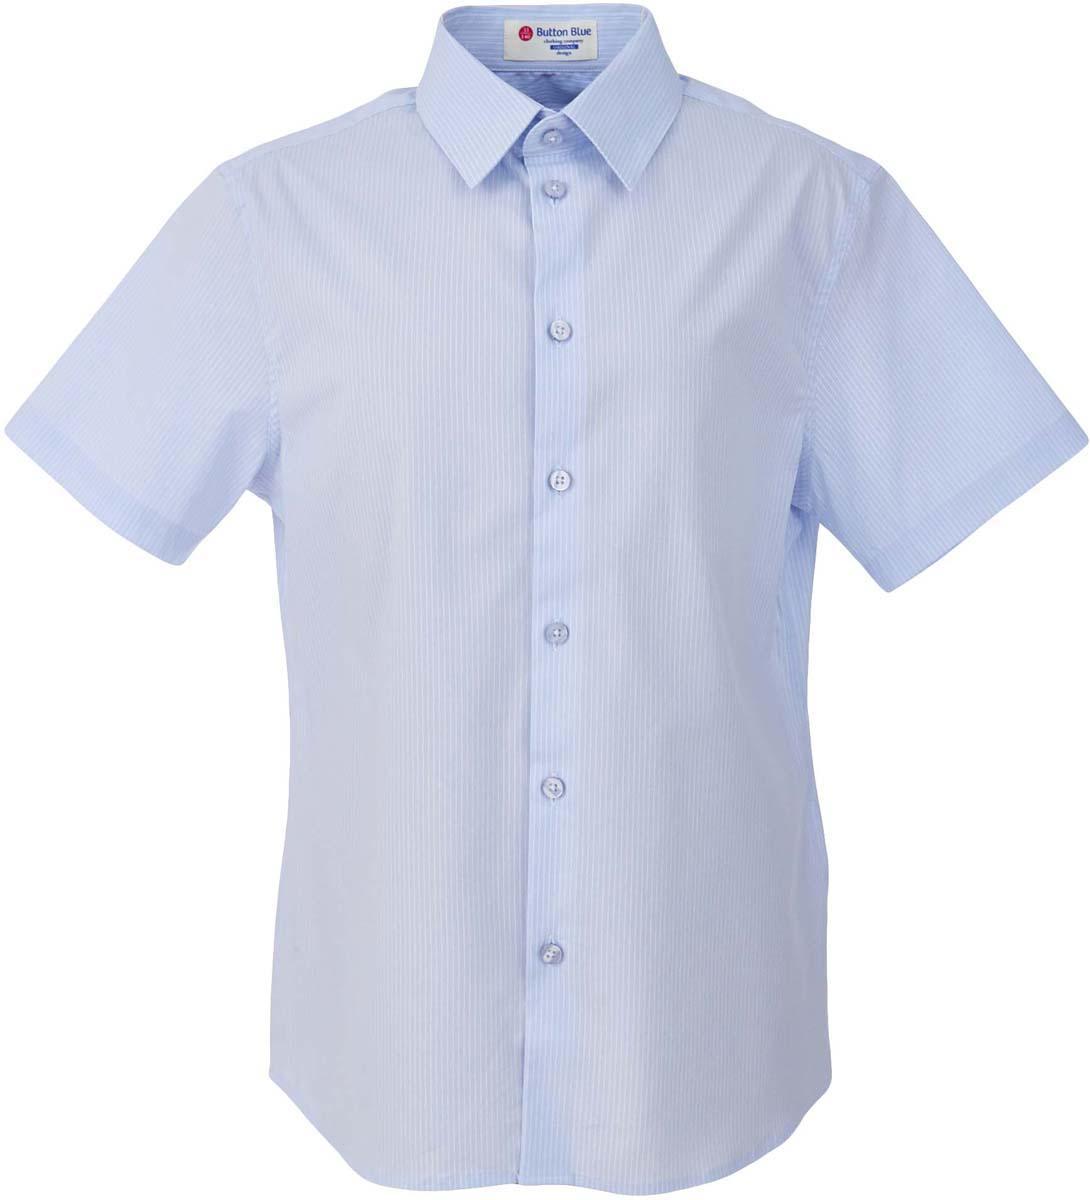 Рубашка для мальчика Button Blue, цвет: голубой. 217BBBS23021805. Размер 146, 11 лет217BBBS23021805Рубашка для мальчика - основа повседневного школьного образа! Школьные рубашки от Button Blue - это качество и комфорт, отличный внешний вид, удобство в уходе, высокая износостойкость. Рубашка с короткими рукавами и отложным воротничком застегивается на пуговицы. Готовясь к школьному сезону, вам стоит купить рубашки в трех-четырех цветах, чтобы разнообразить будни ученика.